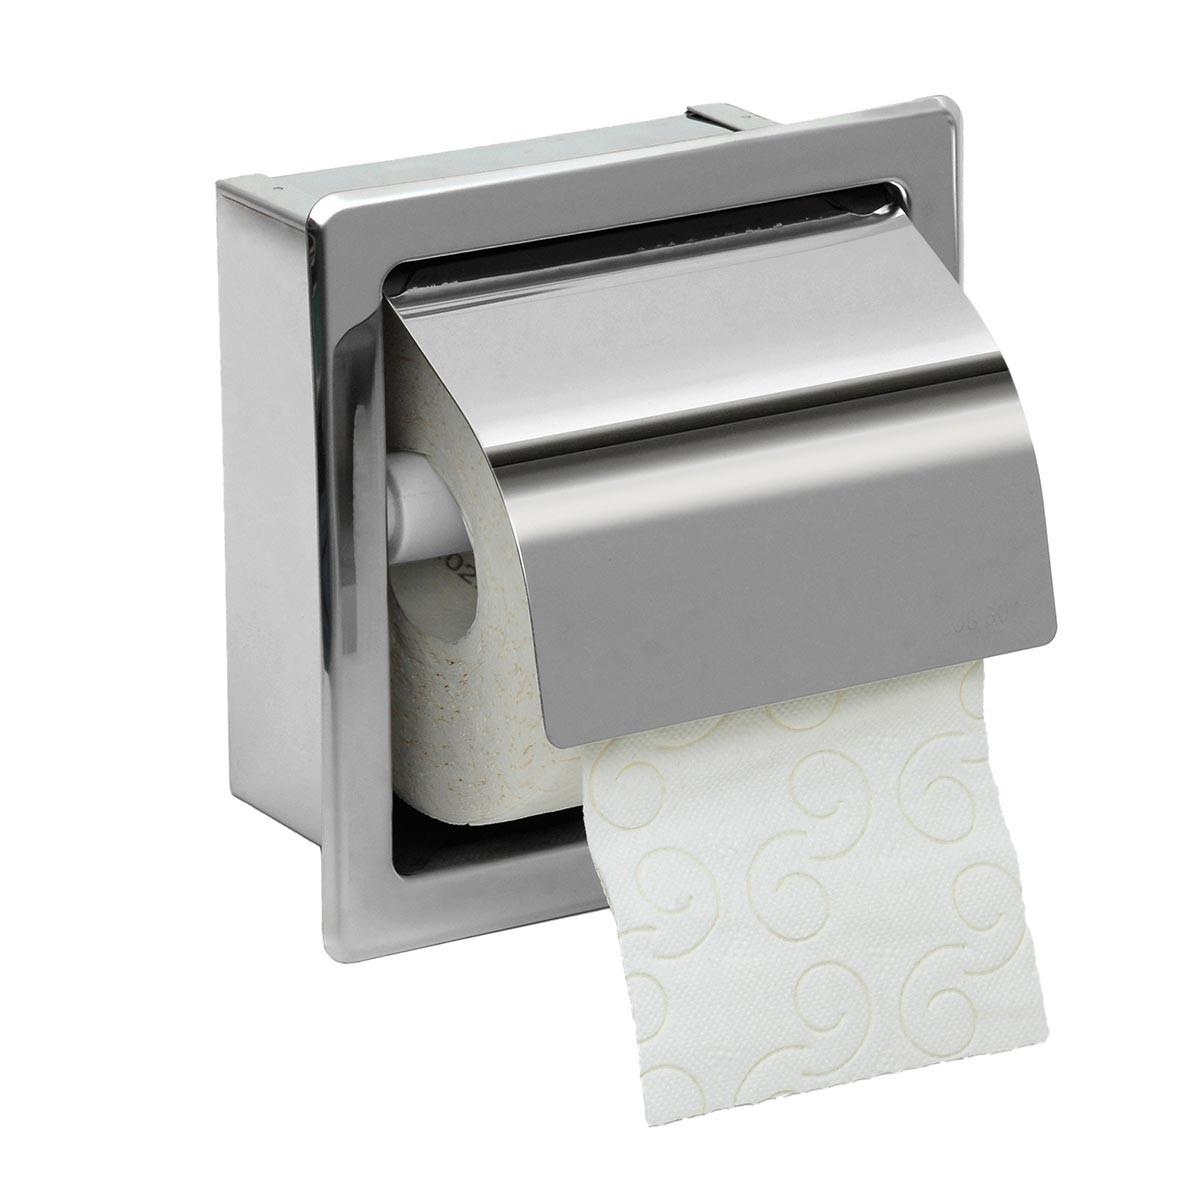 Χαρτοθήκη Με Καπάκι PamCo 109-001 Inox